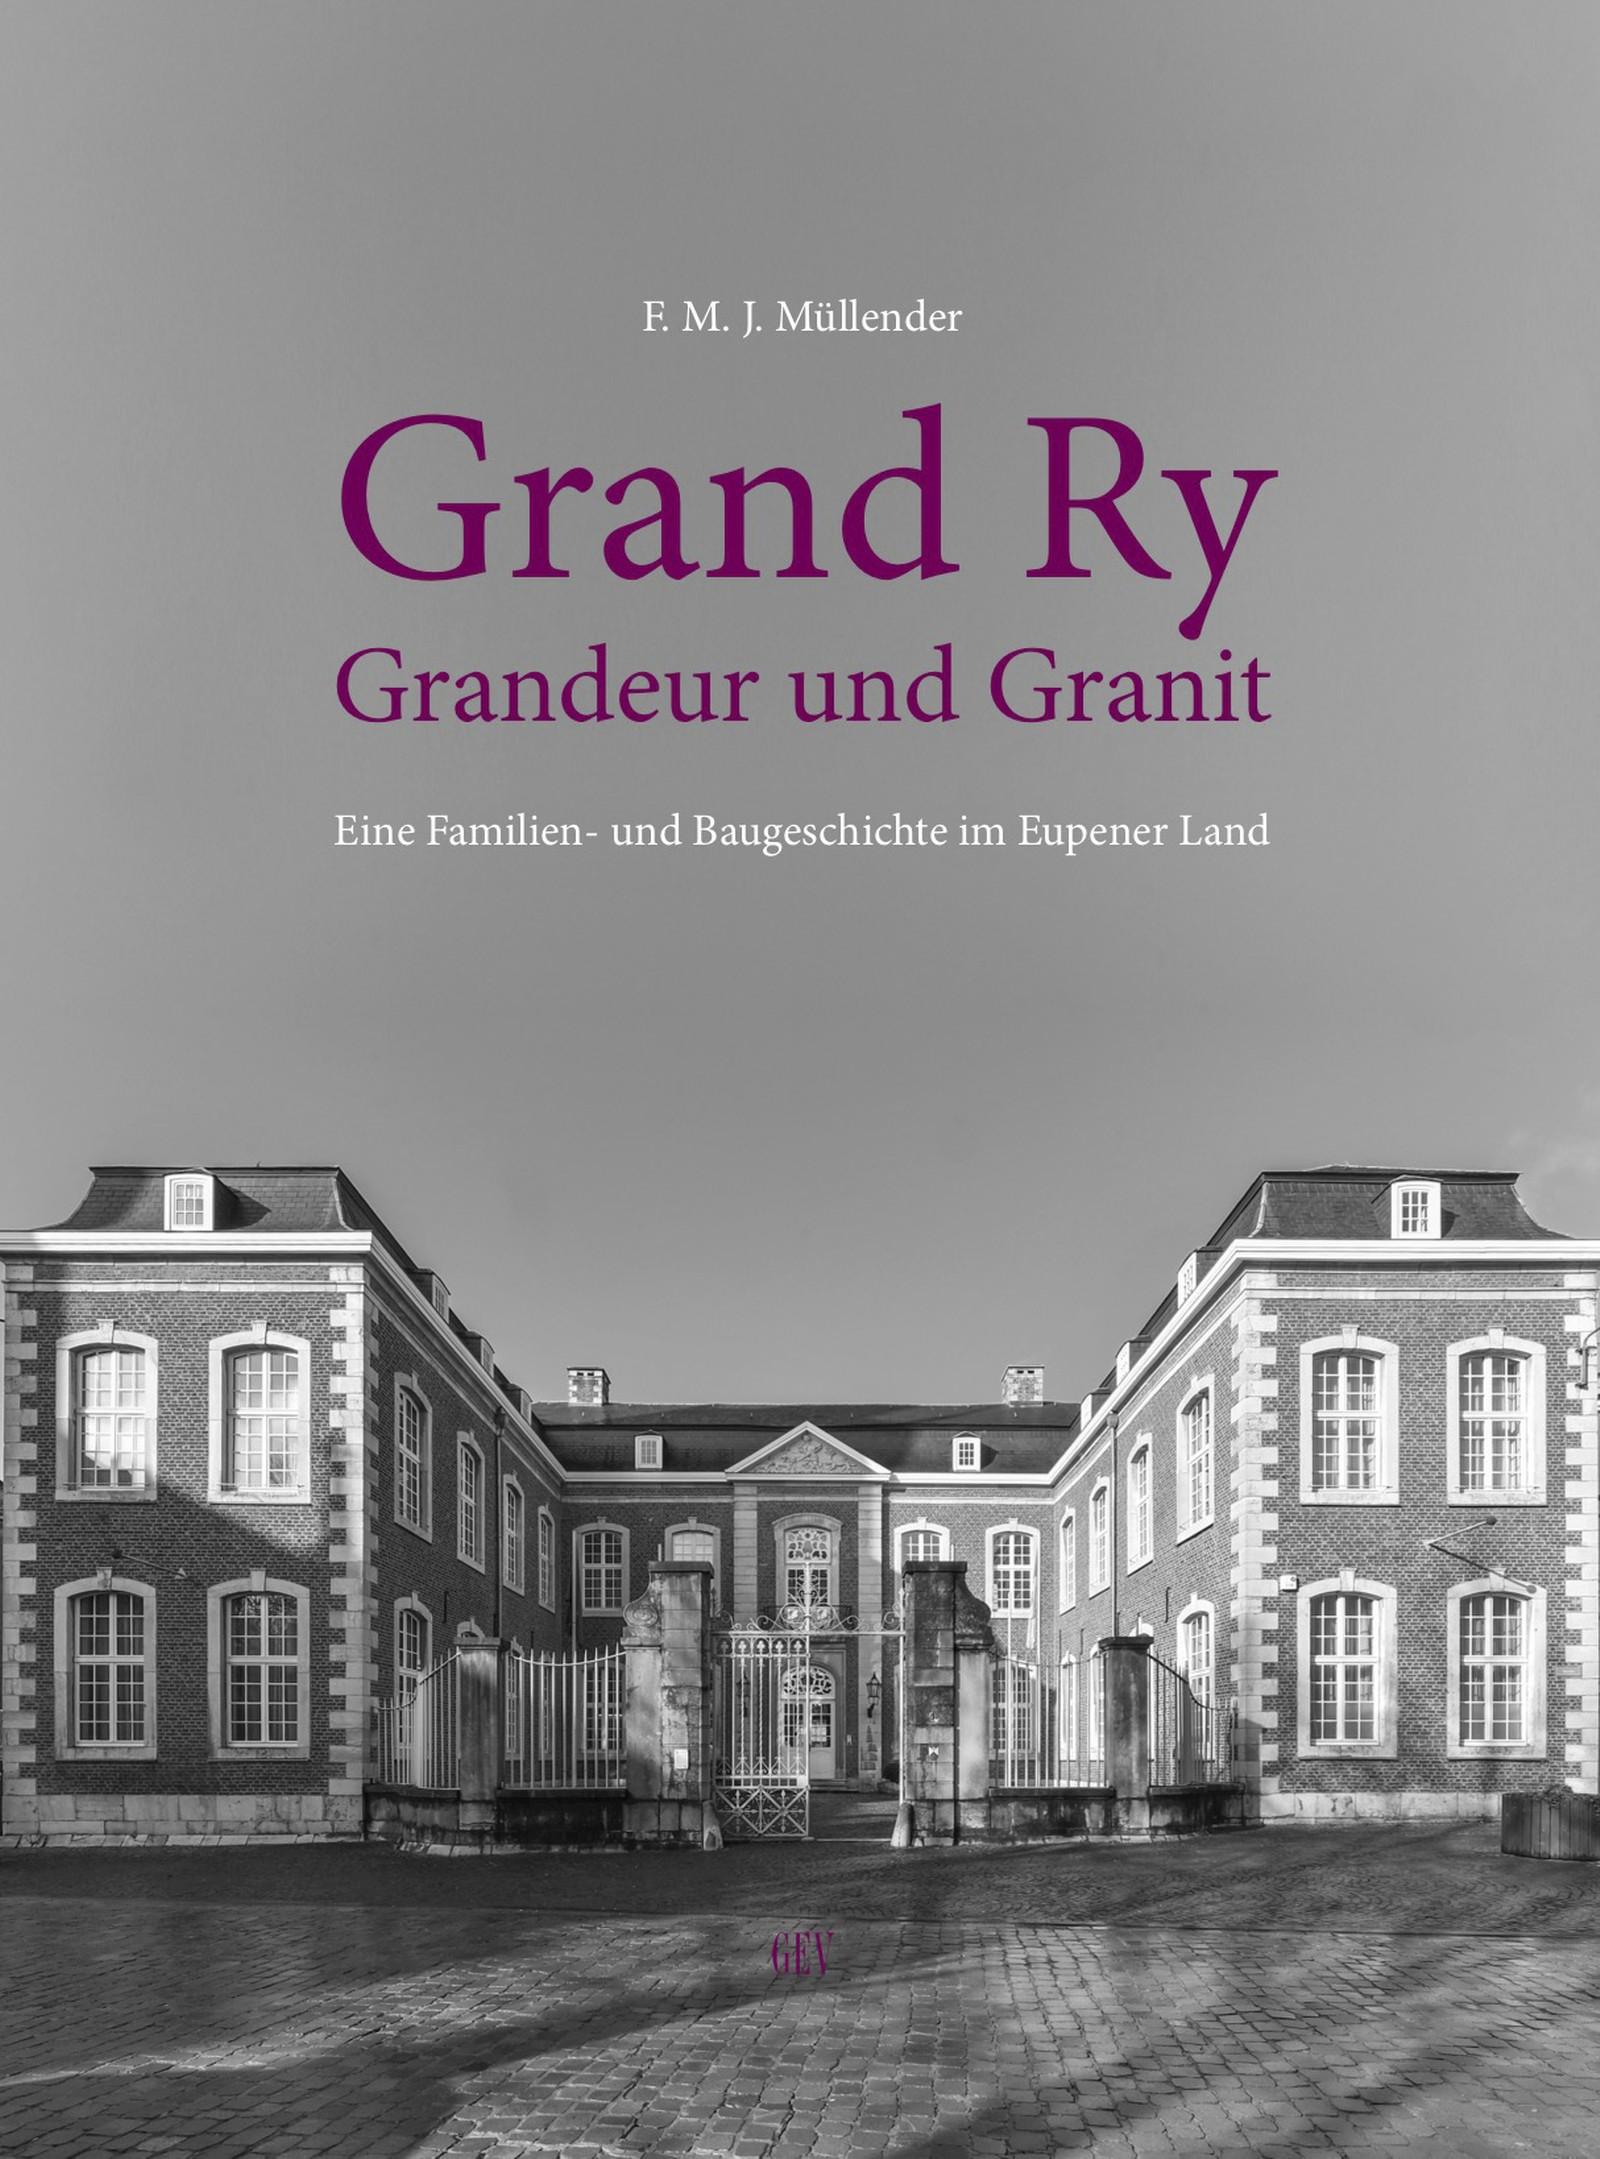 Grand Ry